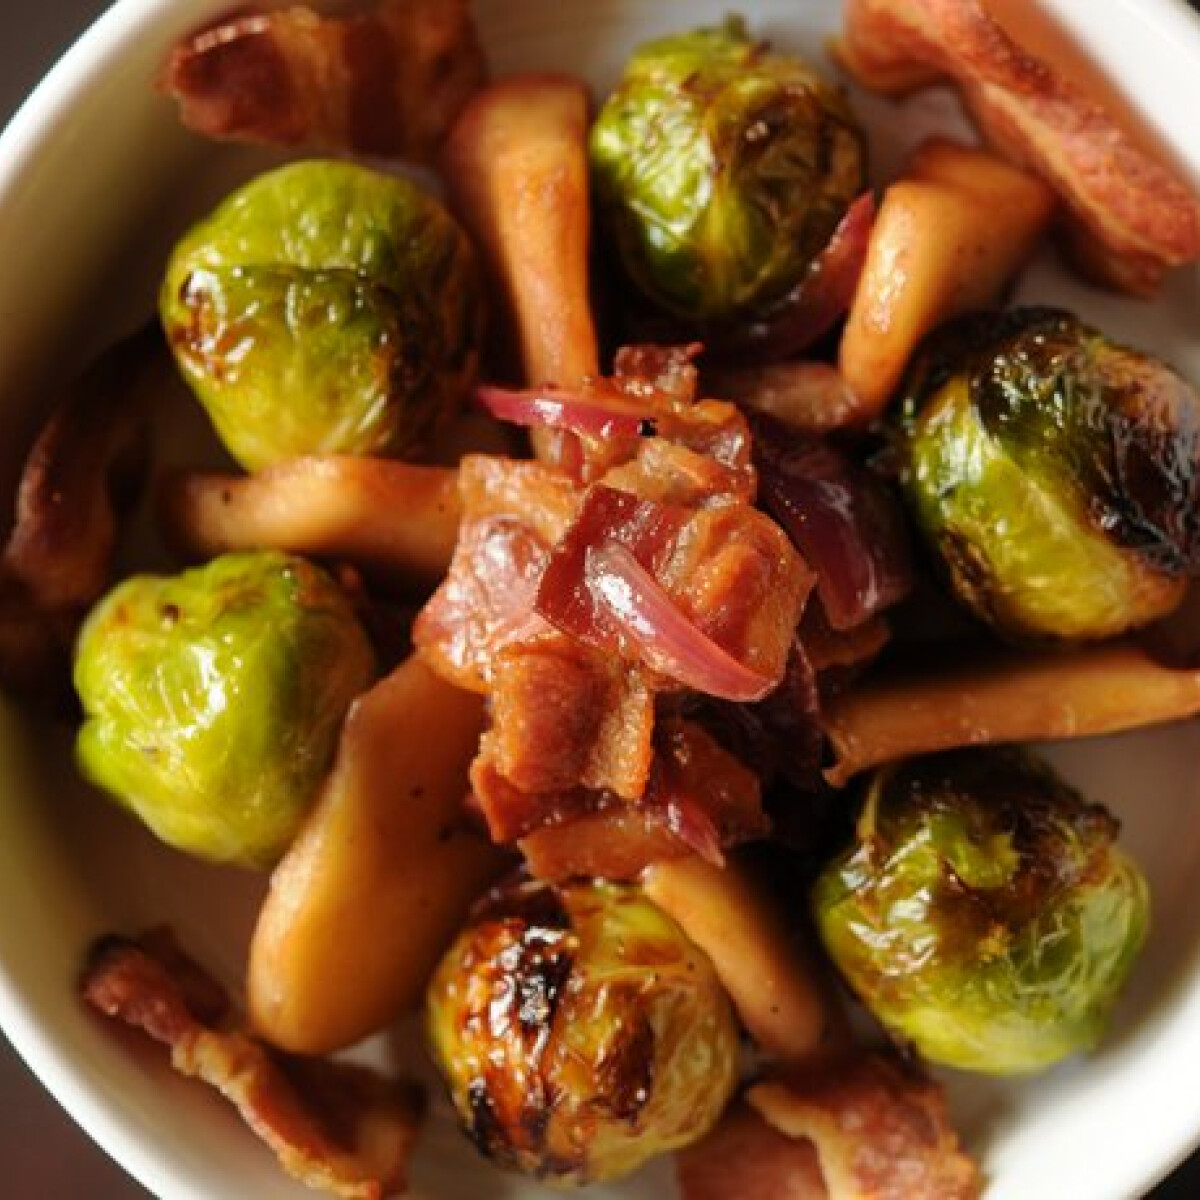 Ezen a képen: Kelbimbó bacon-nel, almával és hagymával